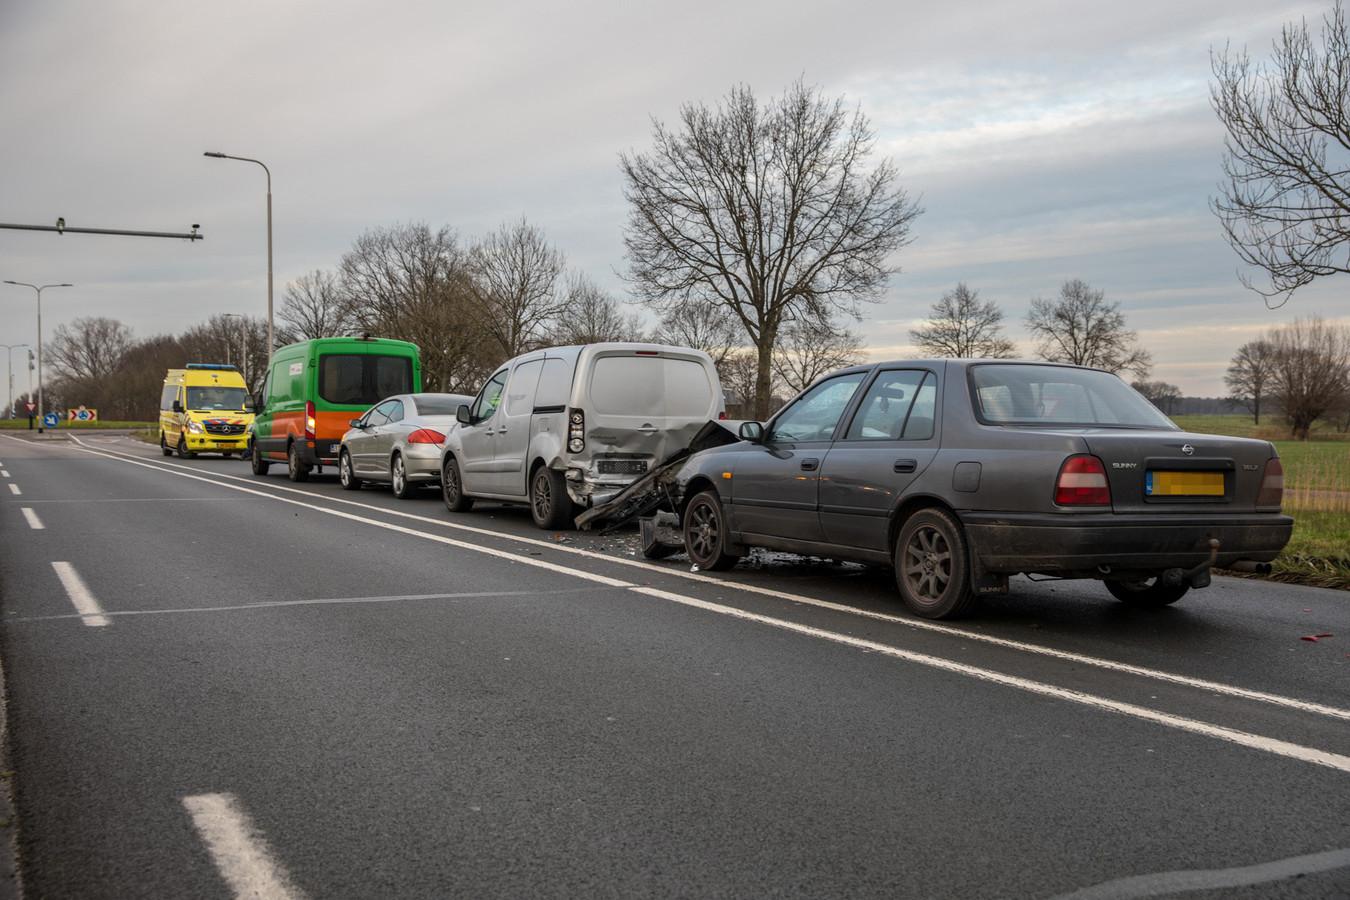 Bij het incident waren vier voertuigen betrokken.